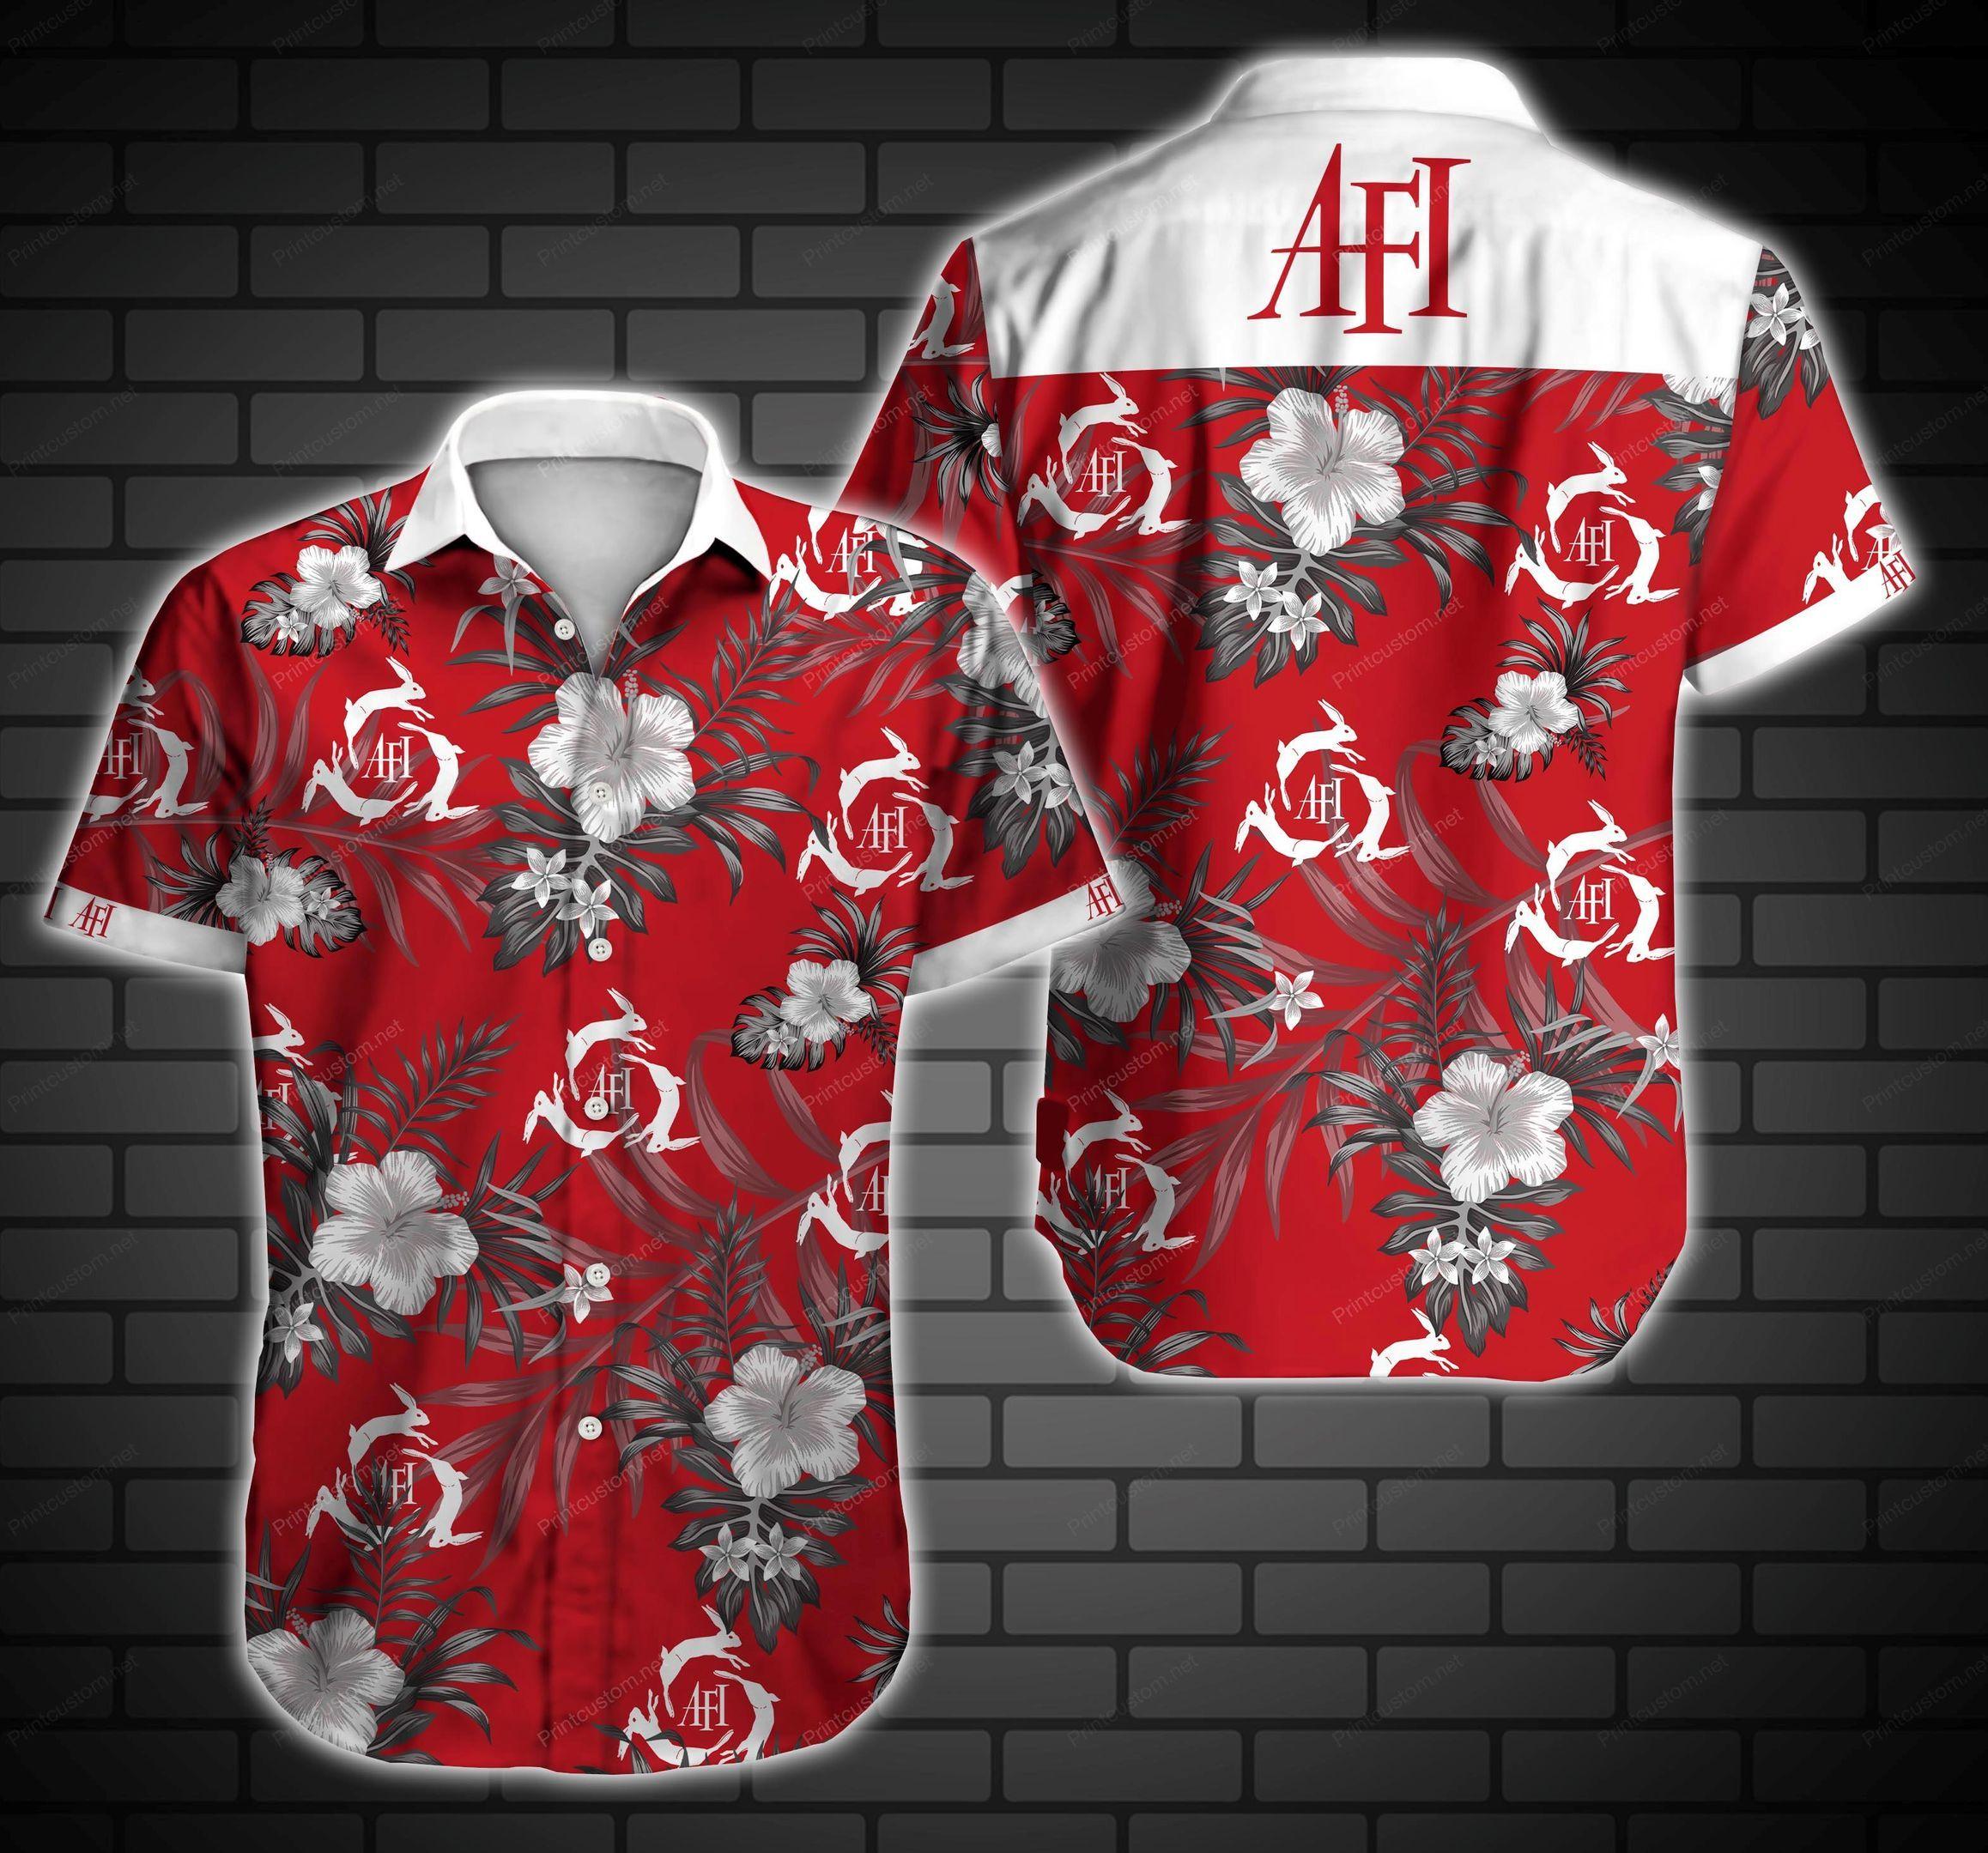 AFI rabbit Rock band Hawaiian Shirt Summer Shirt